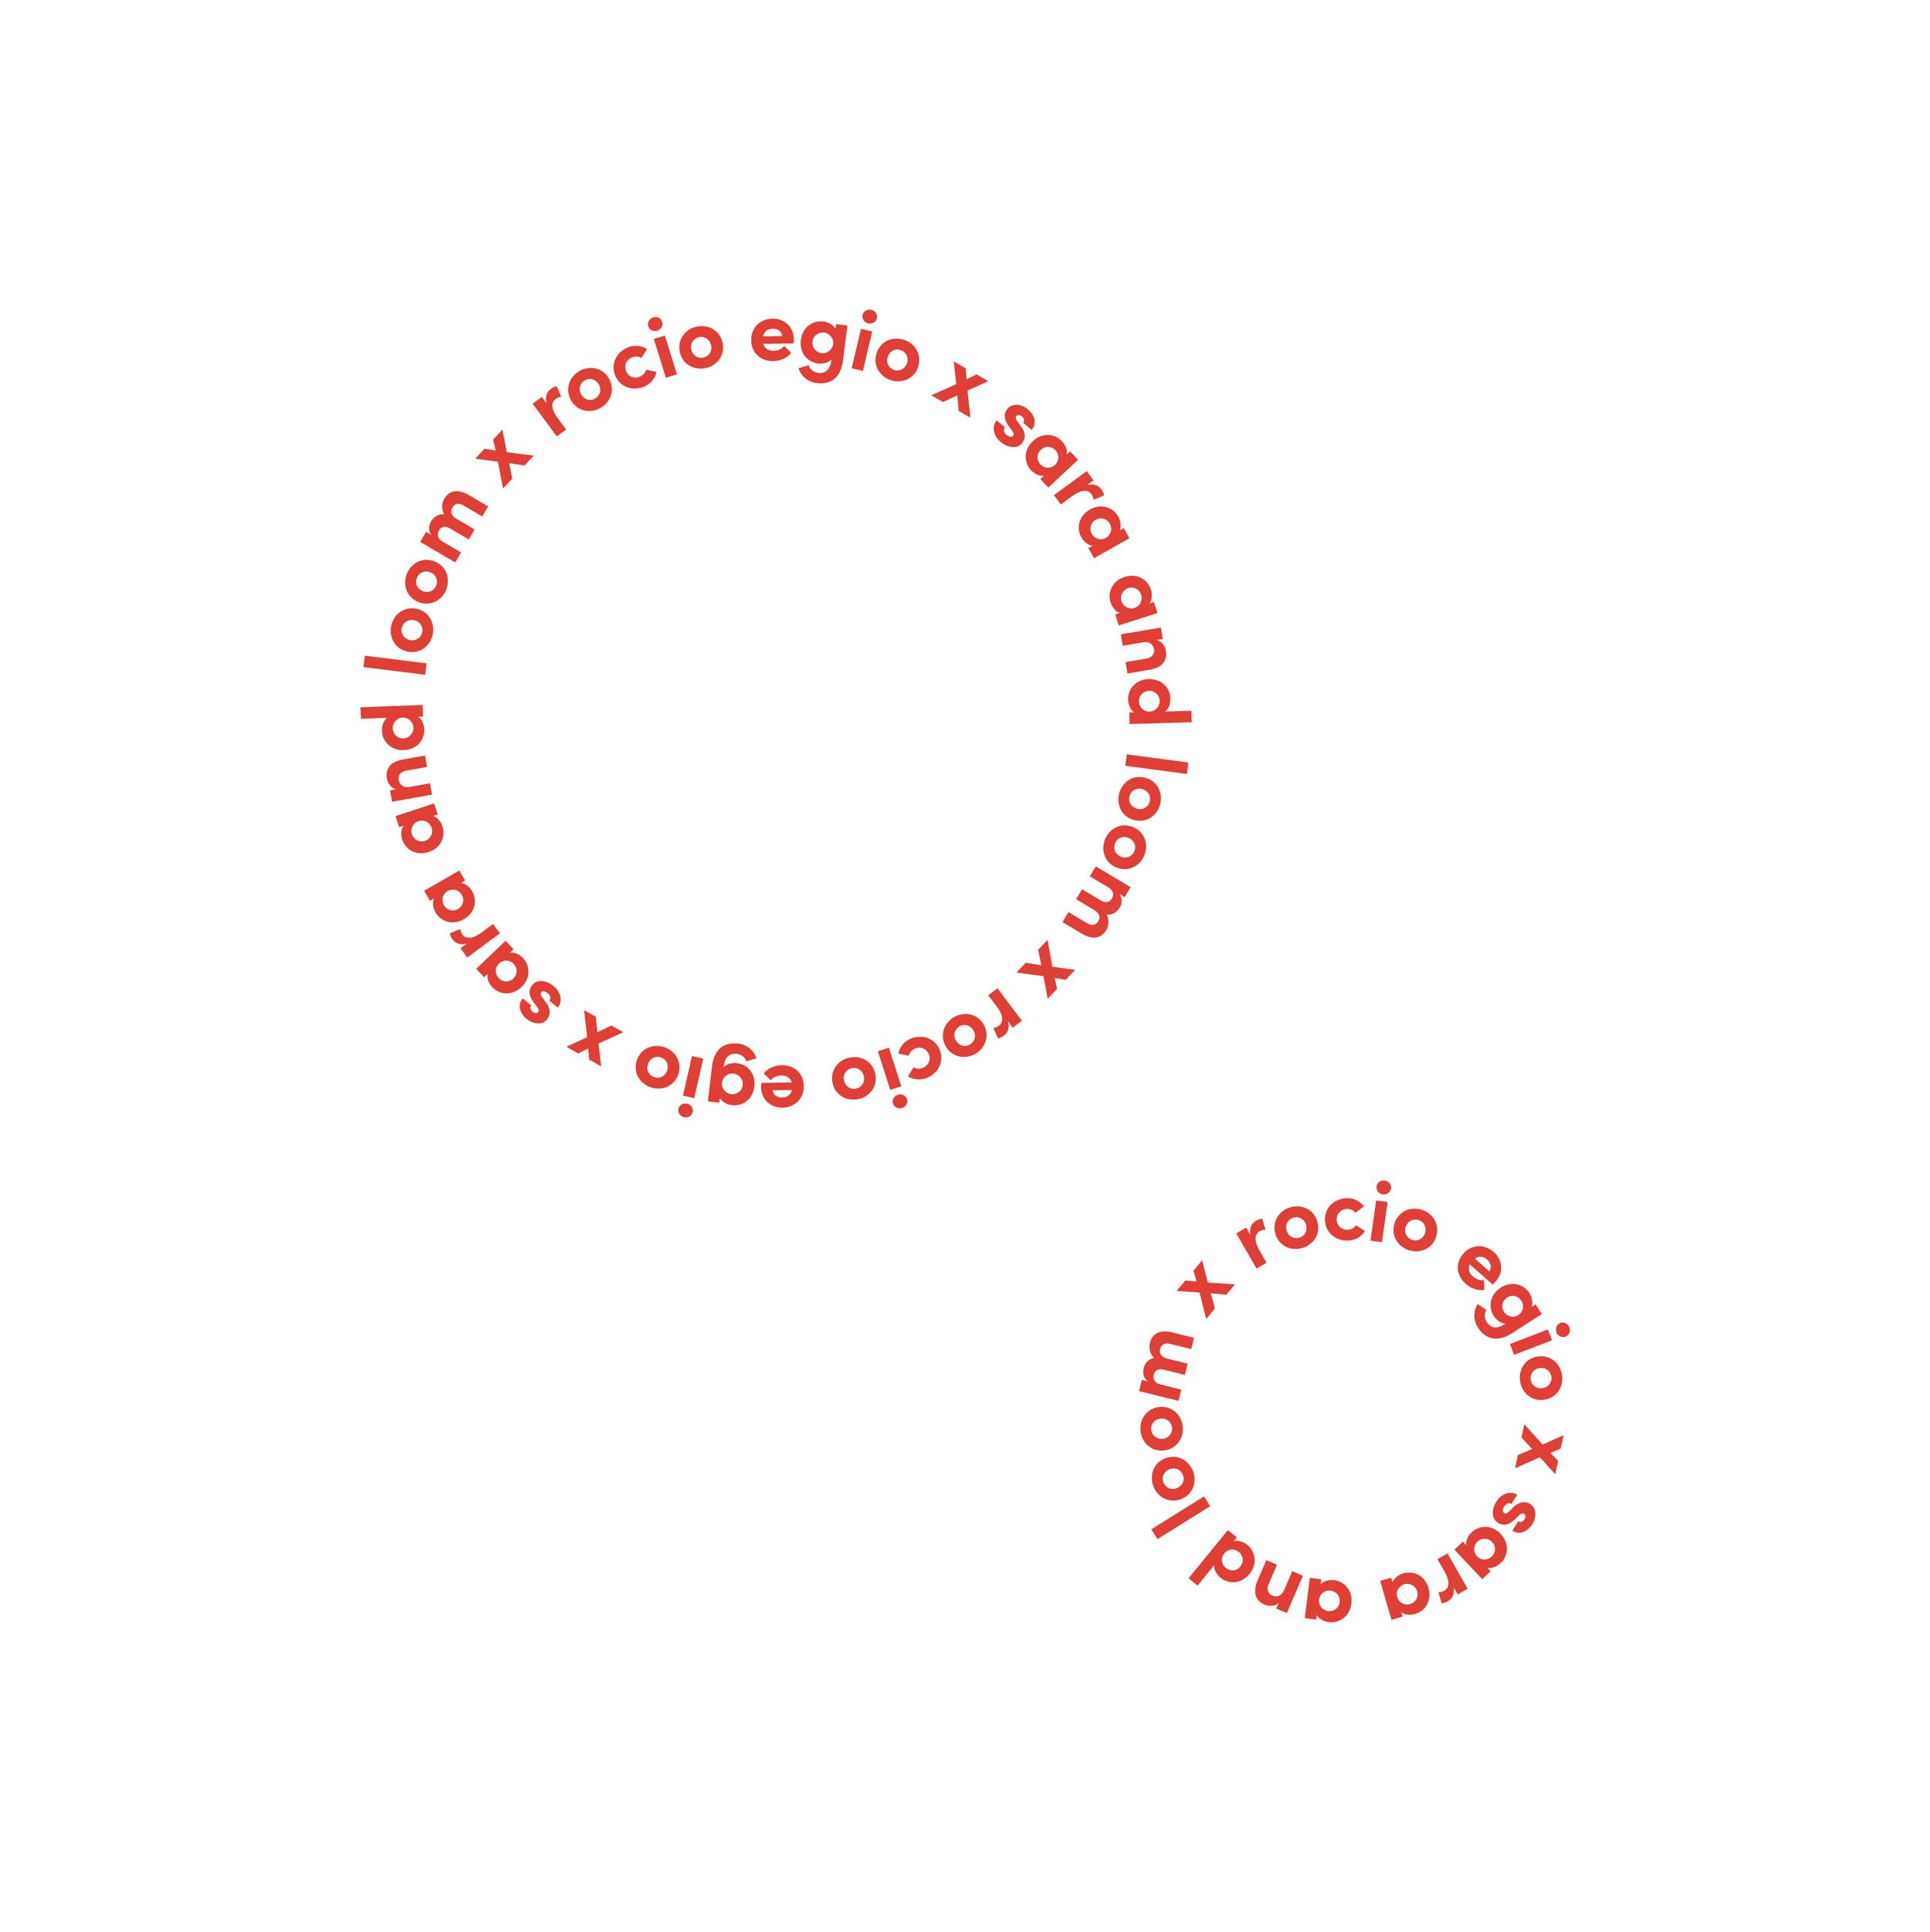 rocio_egio_x_sara_and_loom_logo_03.png